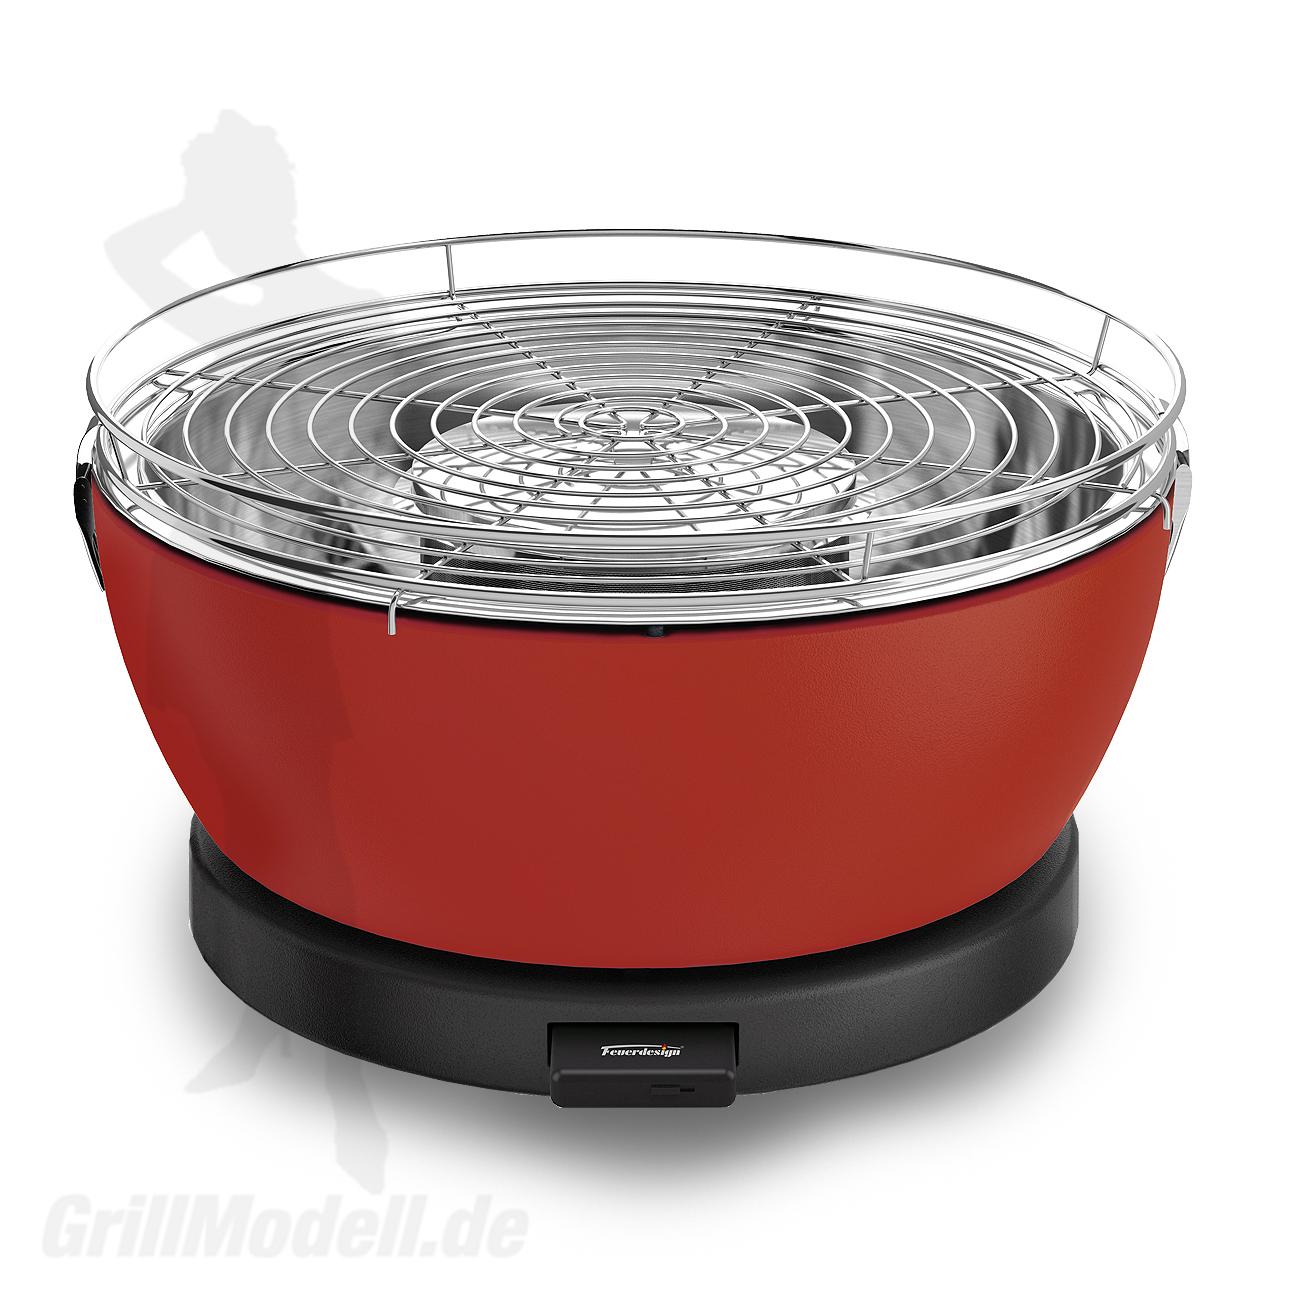 Holzkohle Tischgrill von Feuerdesign - Modell Vesuvio in Farbe Rot